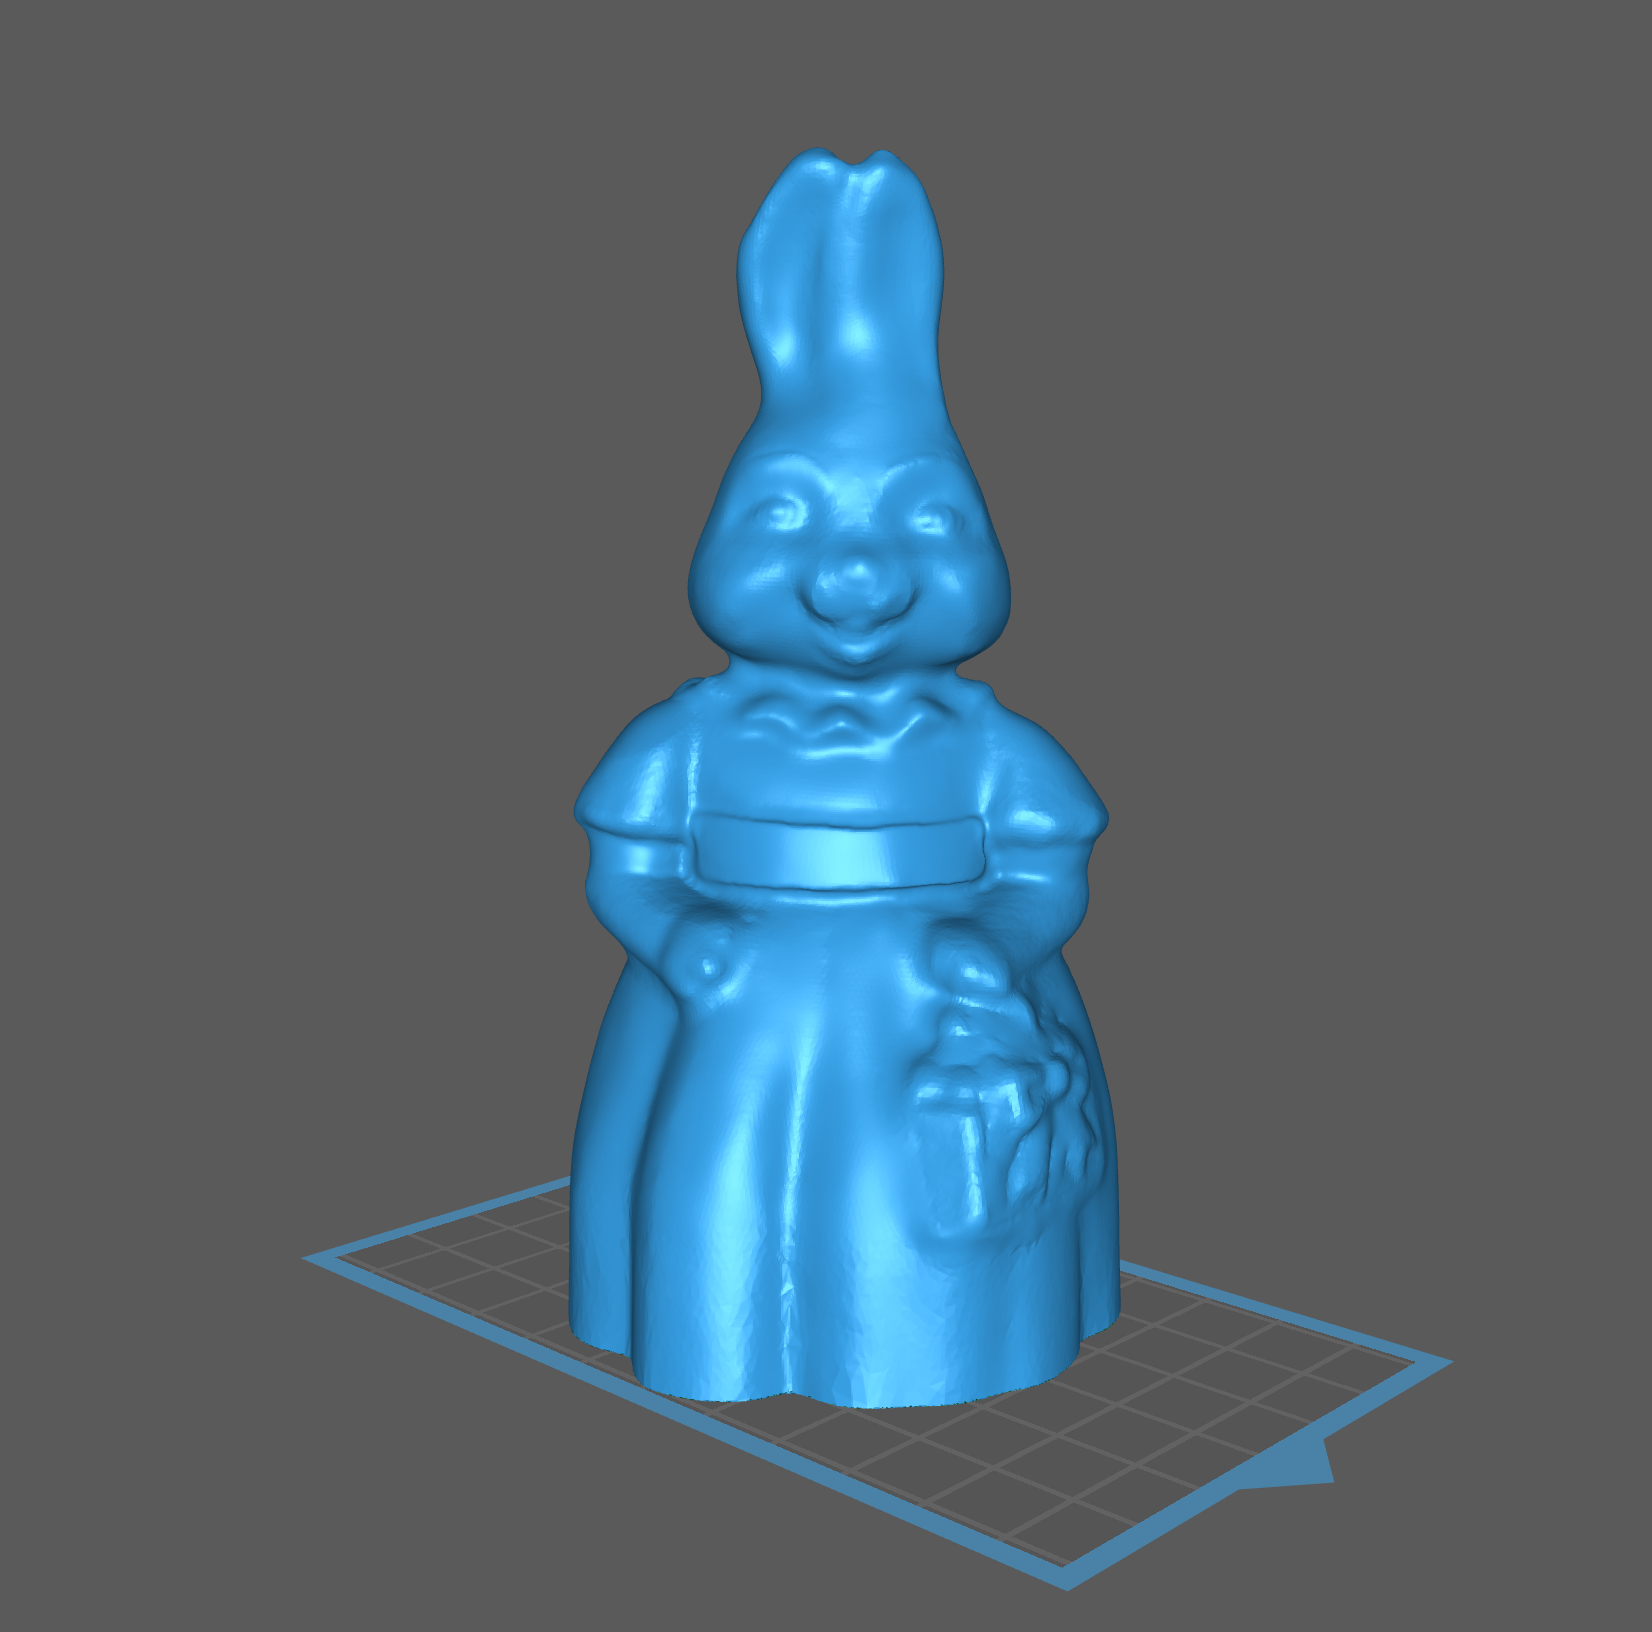 Screen Shot 2020-05-05 at 8.39.55 PM.png Télécharger fichier STL gratuit Soufflerie de lapin de Pâques • Objet pour imprimante 3D, Hogheads3dPrinting